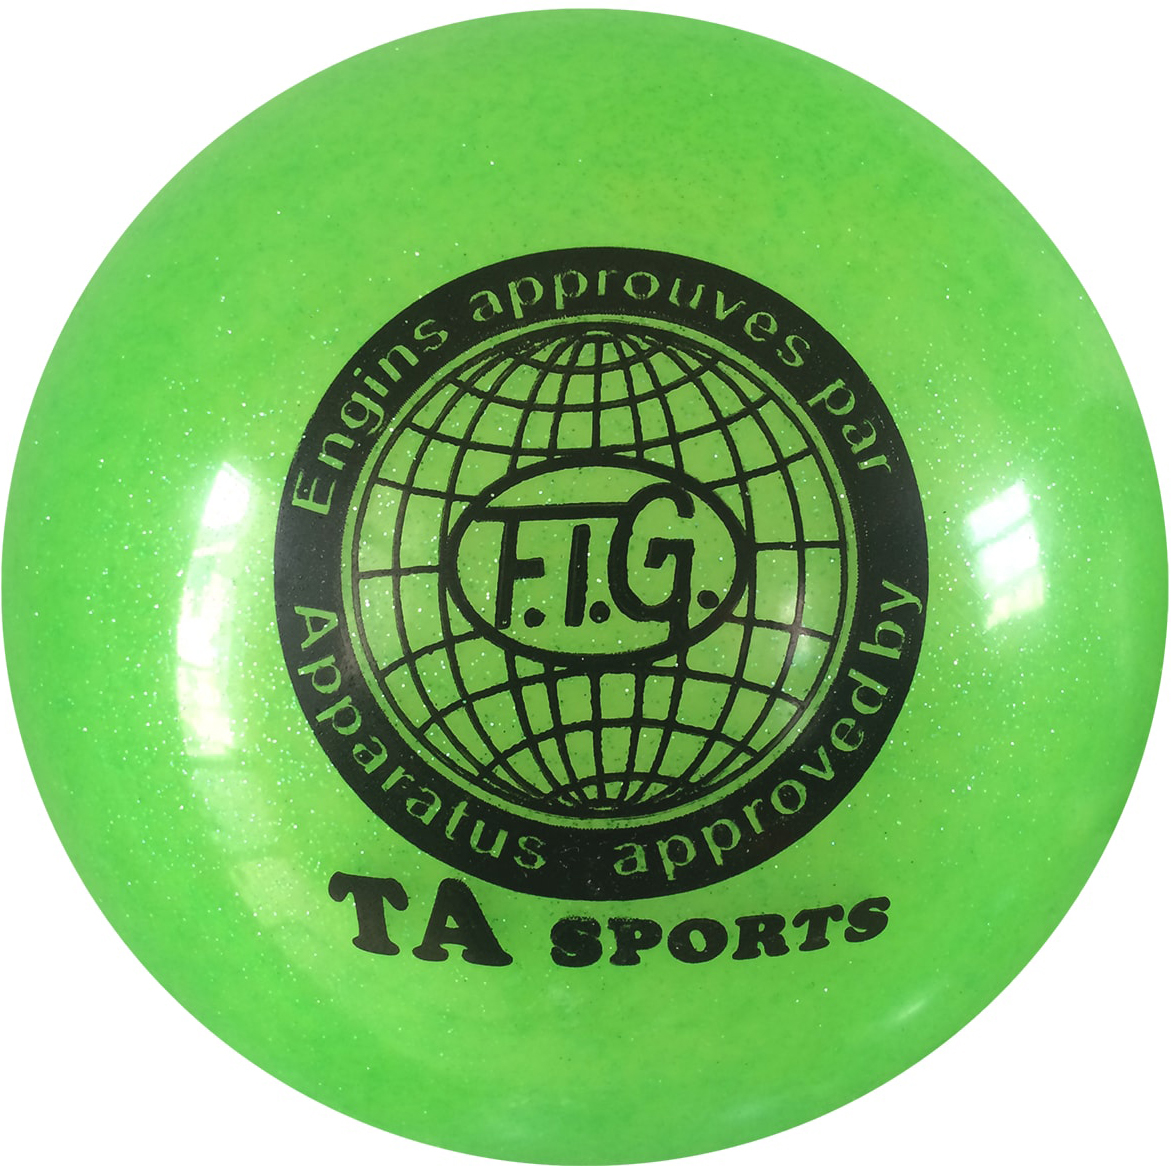 Мяч для художественной гимнастики TA-Sport RGB-102, с блестками, цвет: зеленый, диаметр 19 смУТ-00010340Практичный и надежный мяч для художественной гимнастики от TA-Sport выполнен из прочного ПВХ яркого цвета с блестками. Мяч диаметром 19 см предназначен для спортсменок-юниоров и взрослых гимнасток. Как правило, цвет мяча подбирается под образ и костюм гимнастки.Хранить мяч нужно в чехле, чтобы на нем не появились царапины. Мячи с разноцветным покрытием или с блестками имеют тонкий слой красочного покрытия, требующий бережного отношения. В зимнее время следует использовать утепленный чехол, чтобы мяч не сдувался от перепада температуры. Желательно избегать попадания прямых солнечных лучей.